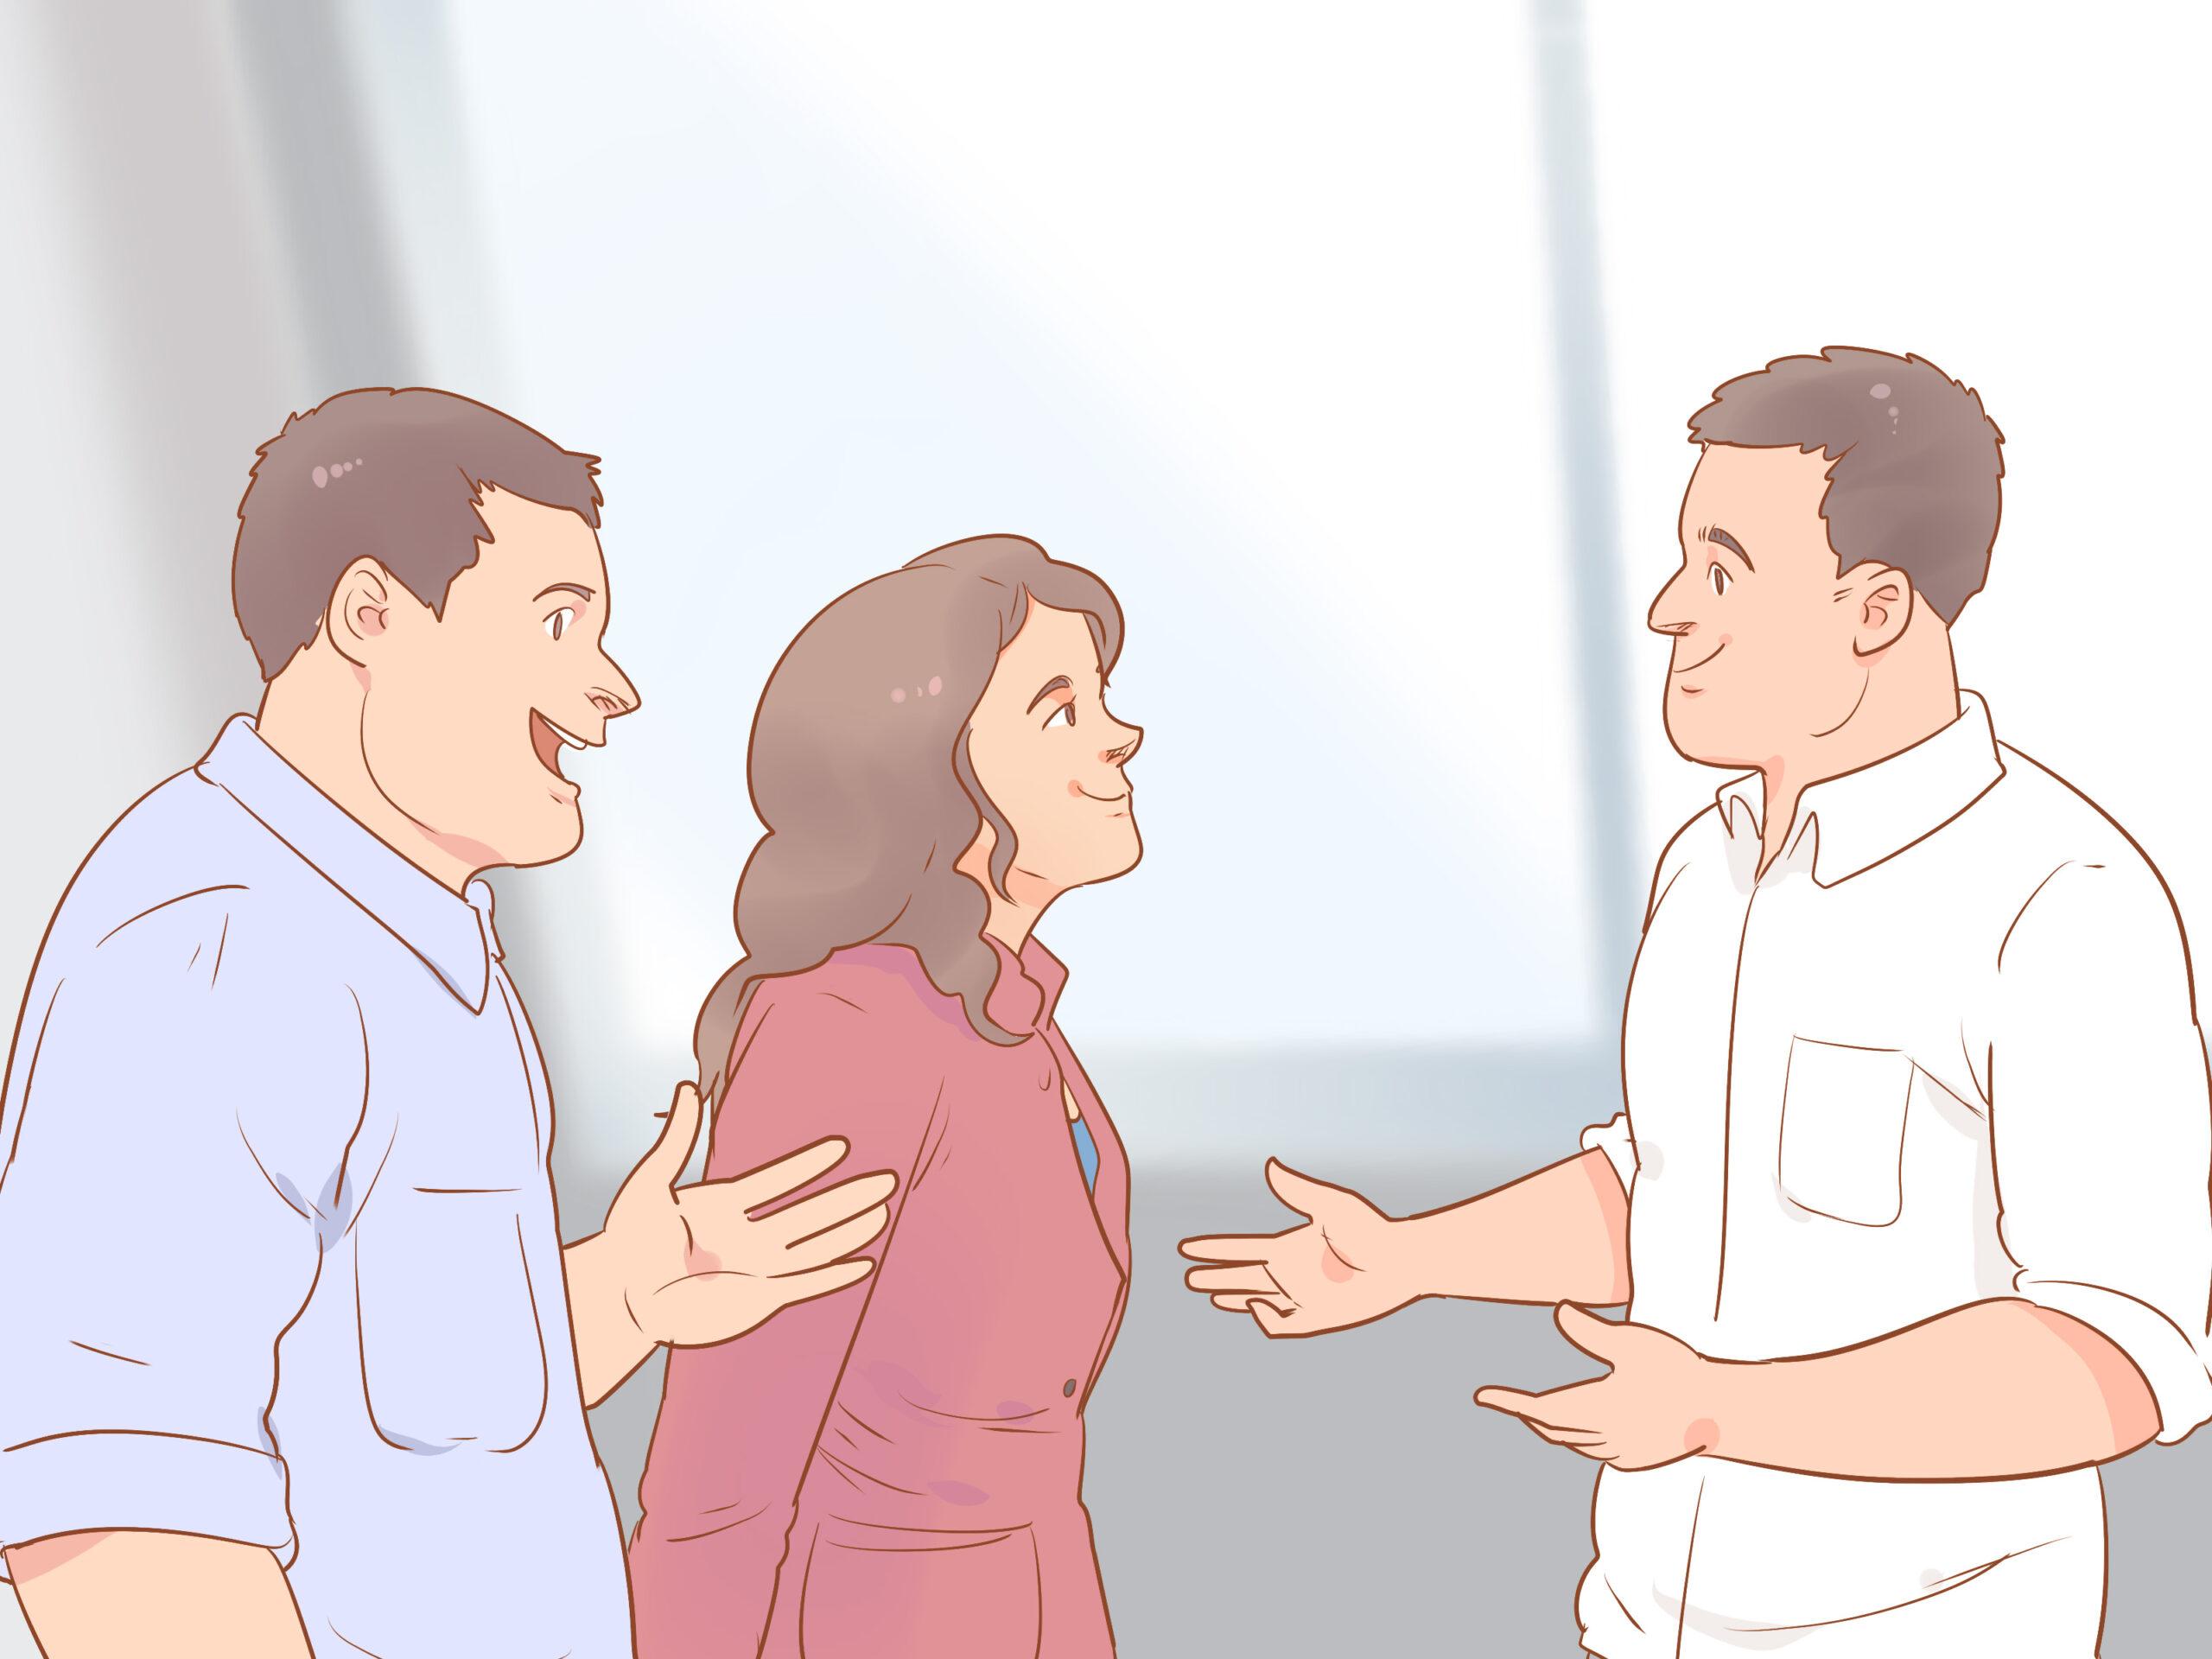 cuộc đối thoại giữa 3 người